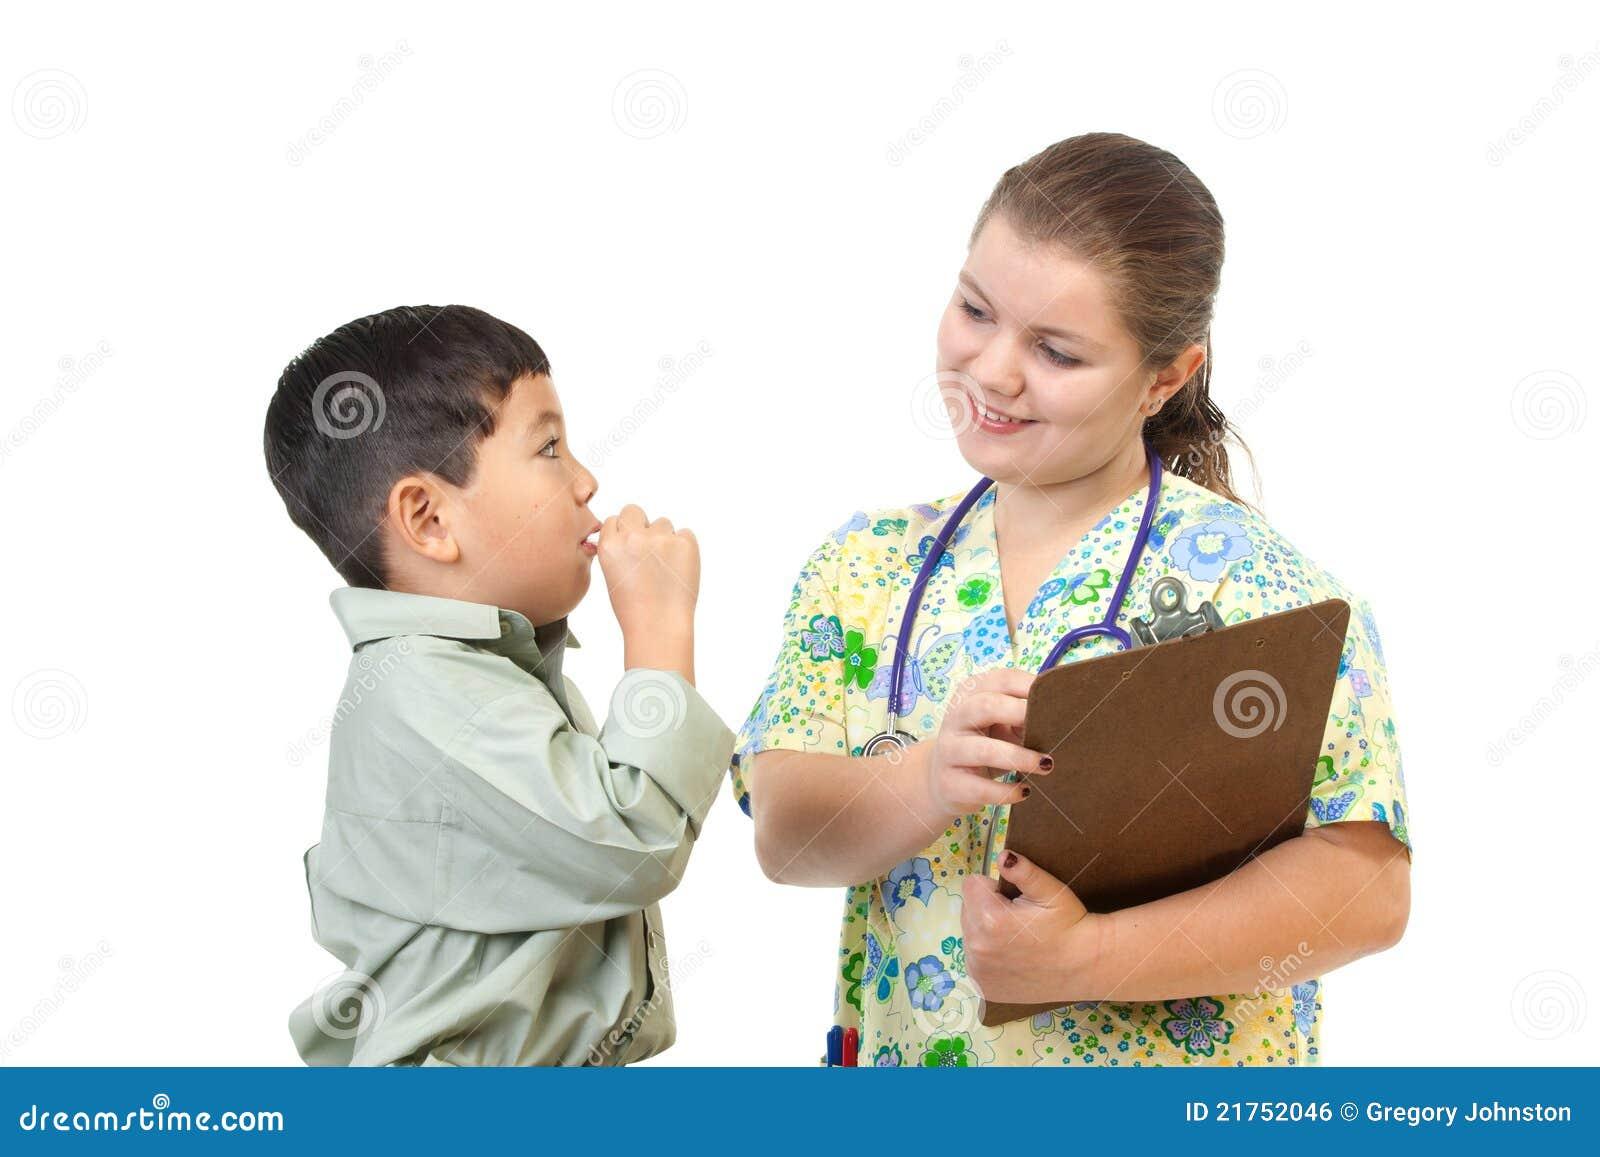 De besprekingen van de verpleegster aan patiënt.